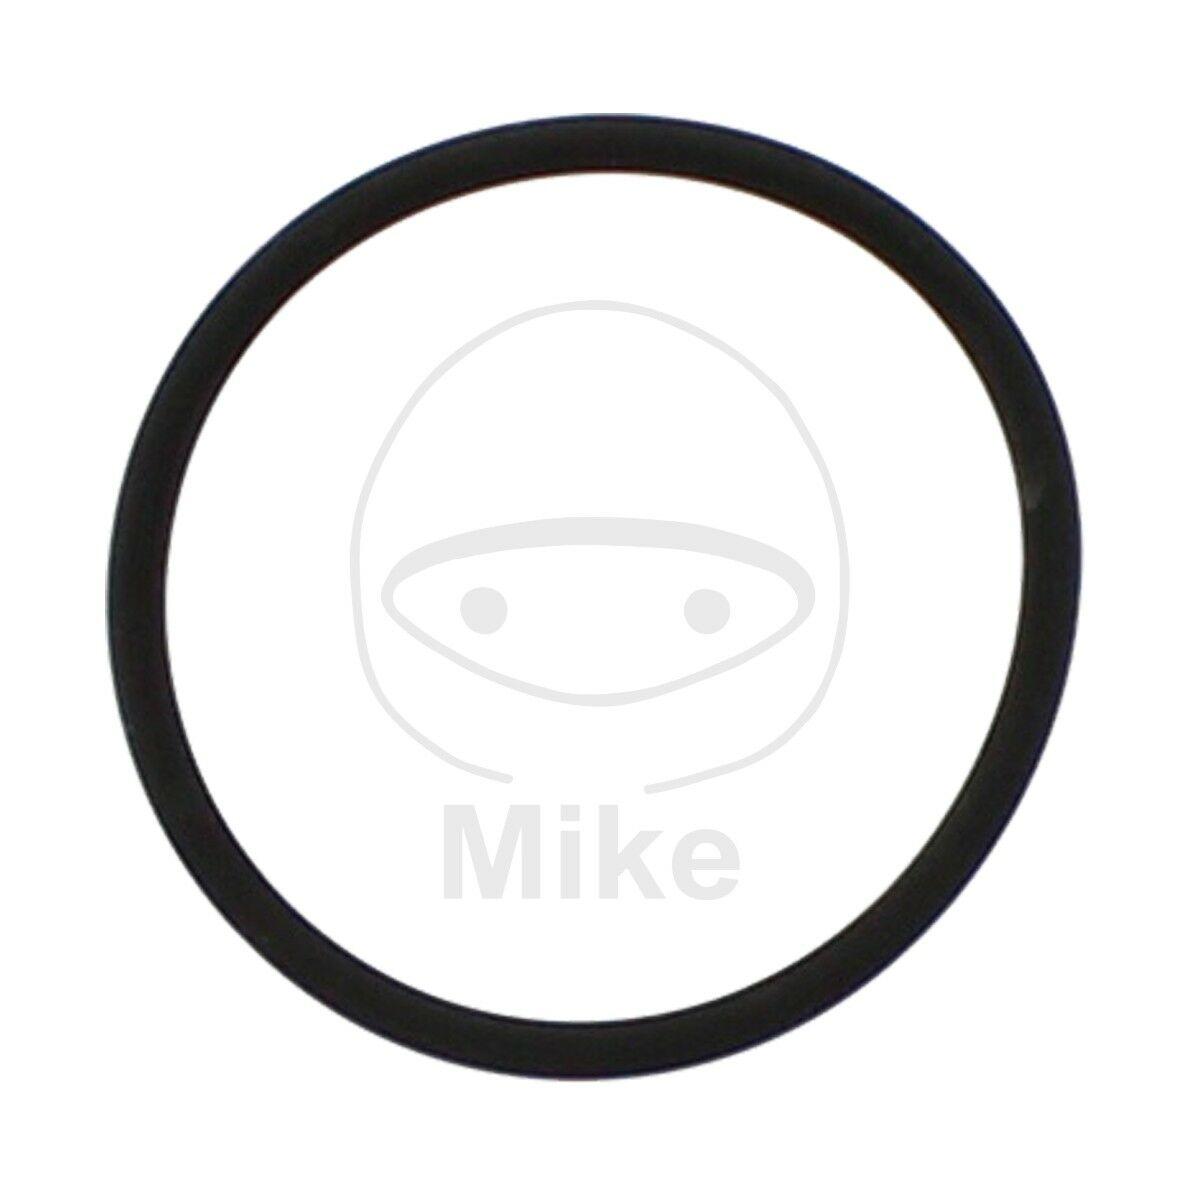 Obrázek produktu Těsnění svodu výfuku ATHENA O-kroužek 3.53X46.04 mm